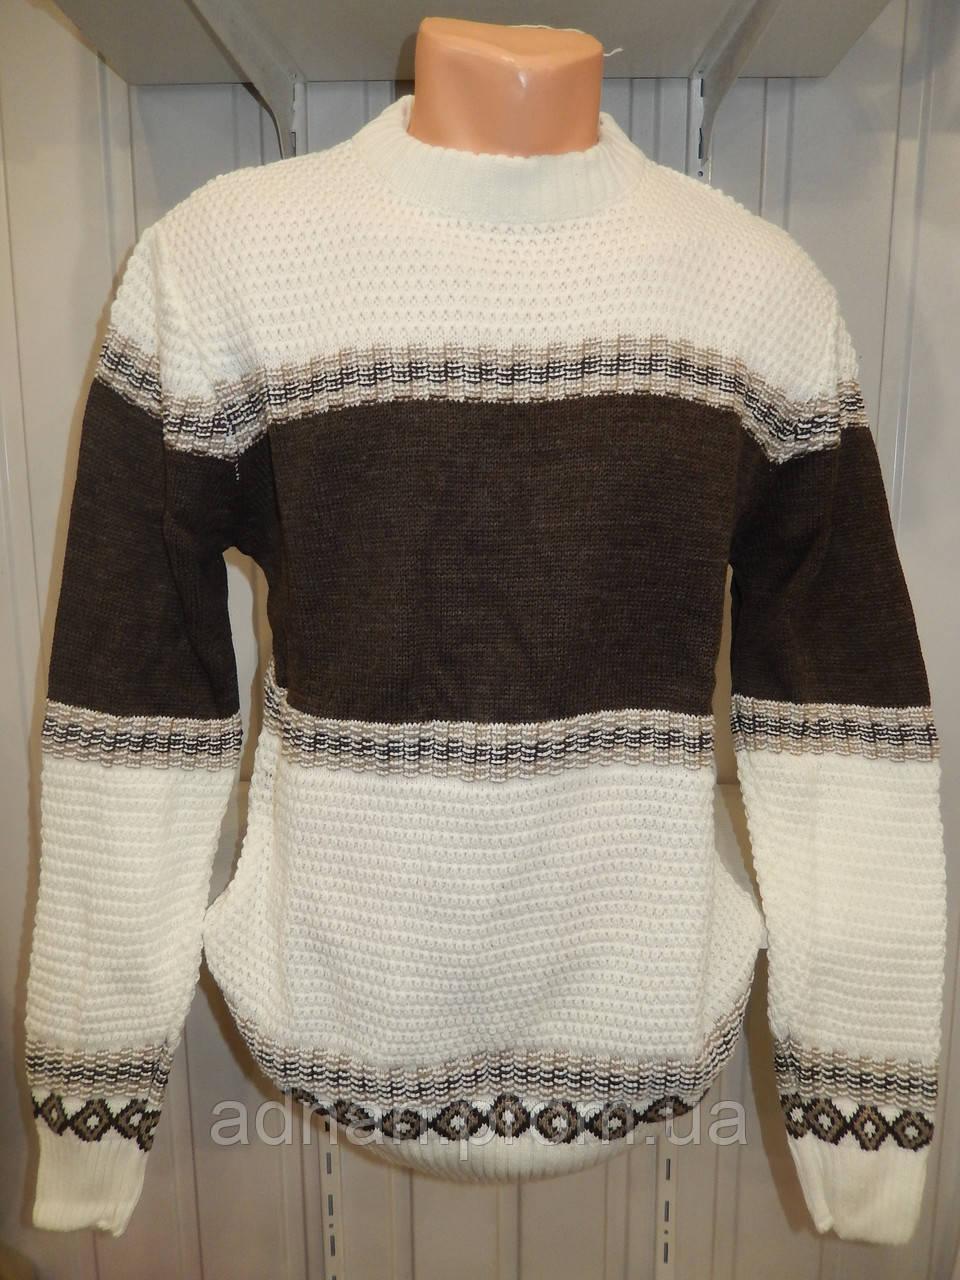 Свитер зимний ROT орнамент 001/ купить оптом свитер зимний